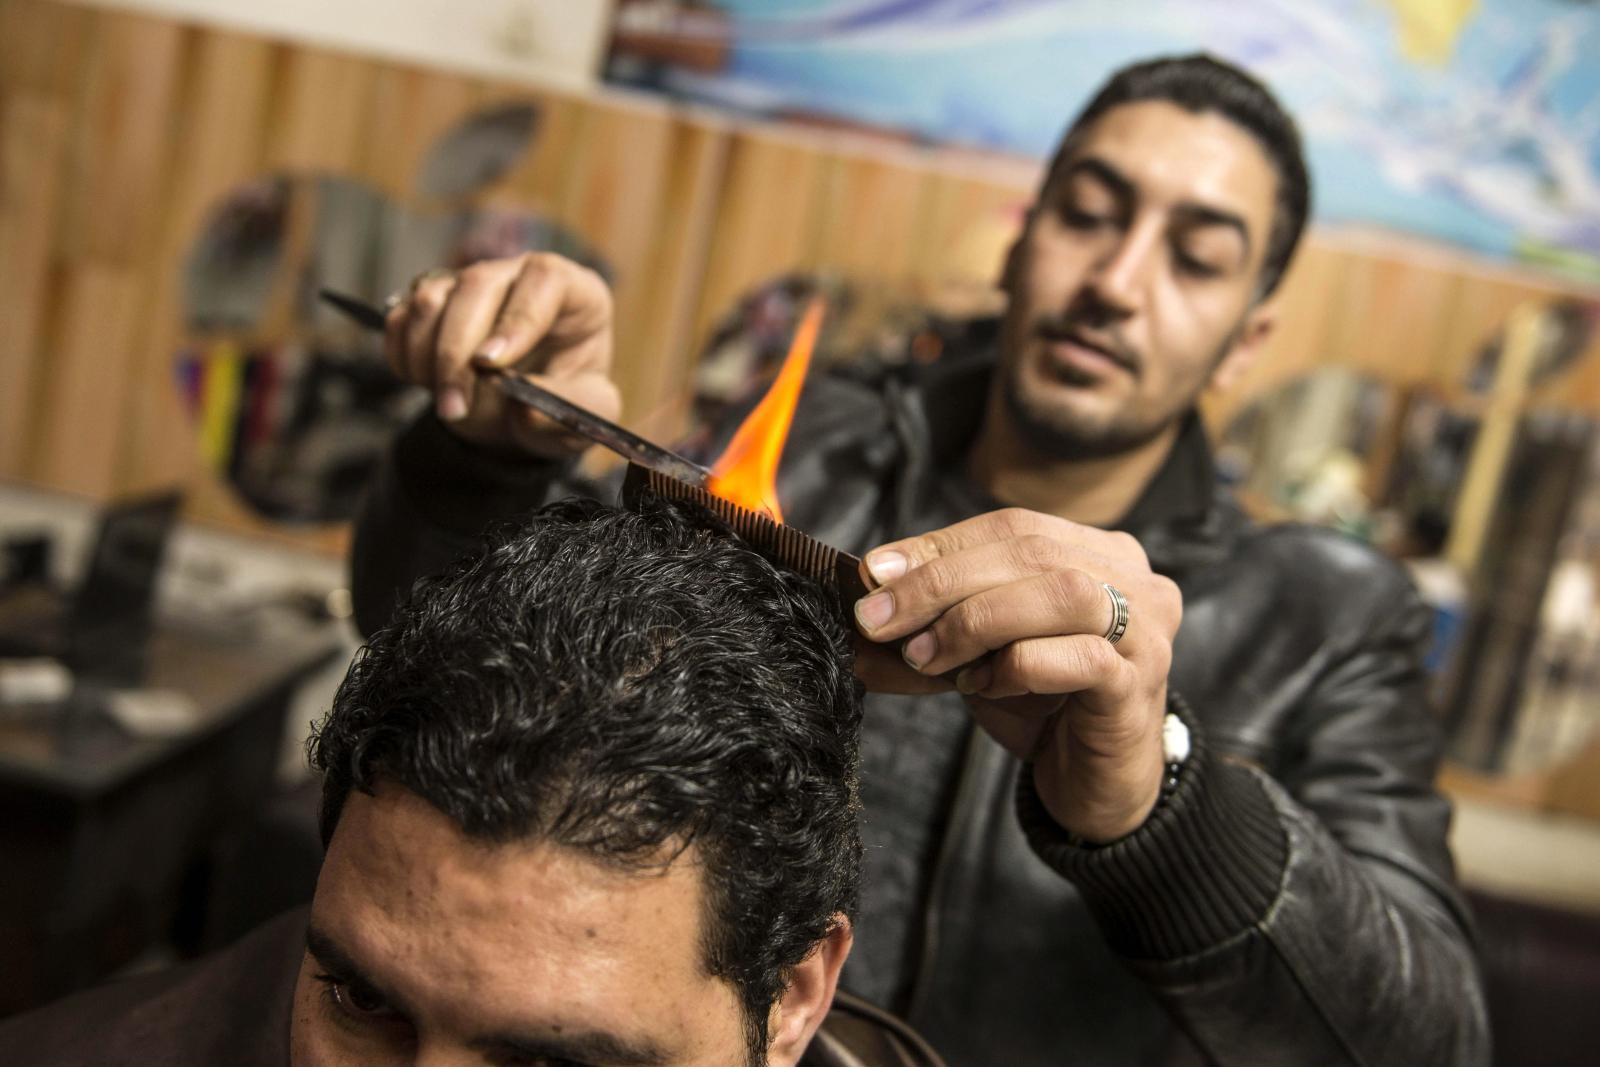 Egipski fryzjer stylizuje włosy używając ognia. Fot. PAP/EPA/MOHAMED HOSSAM